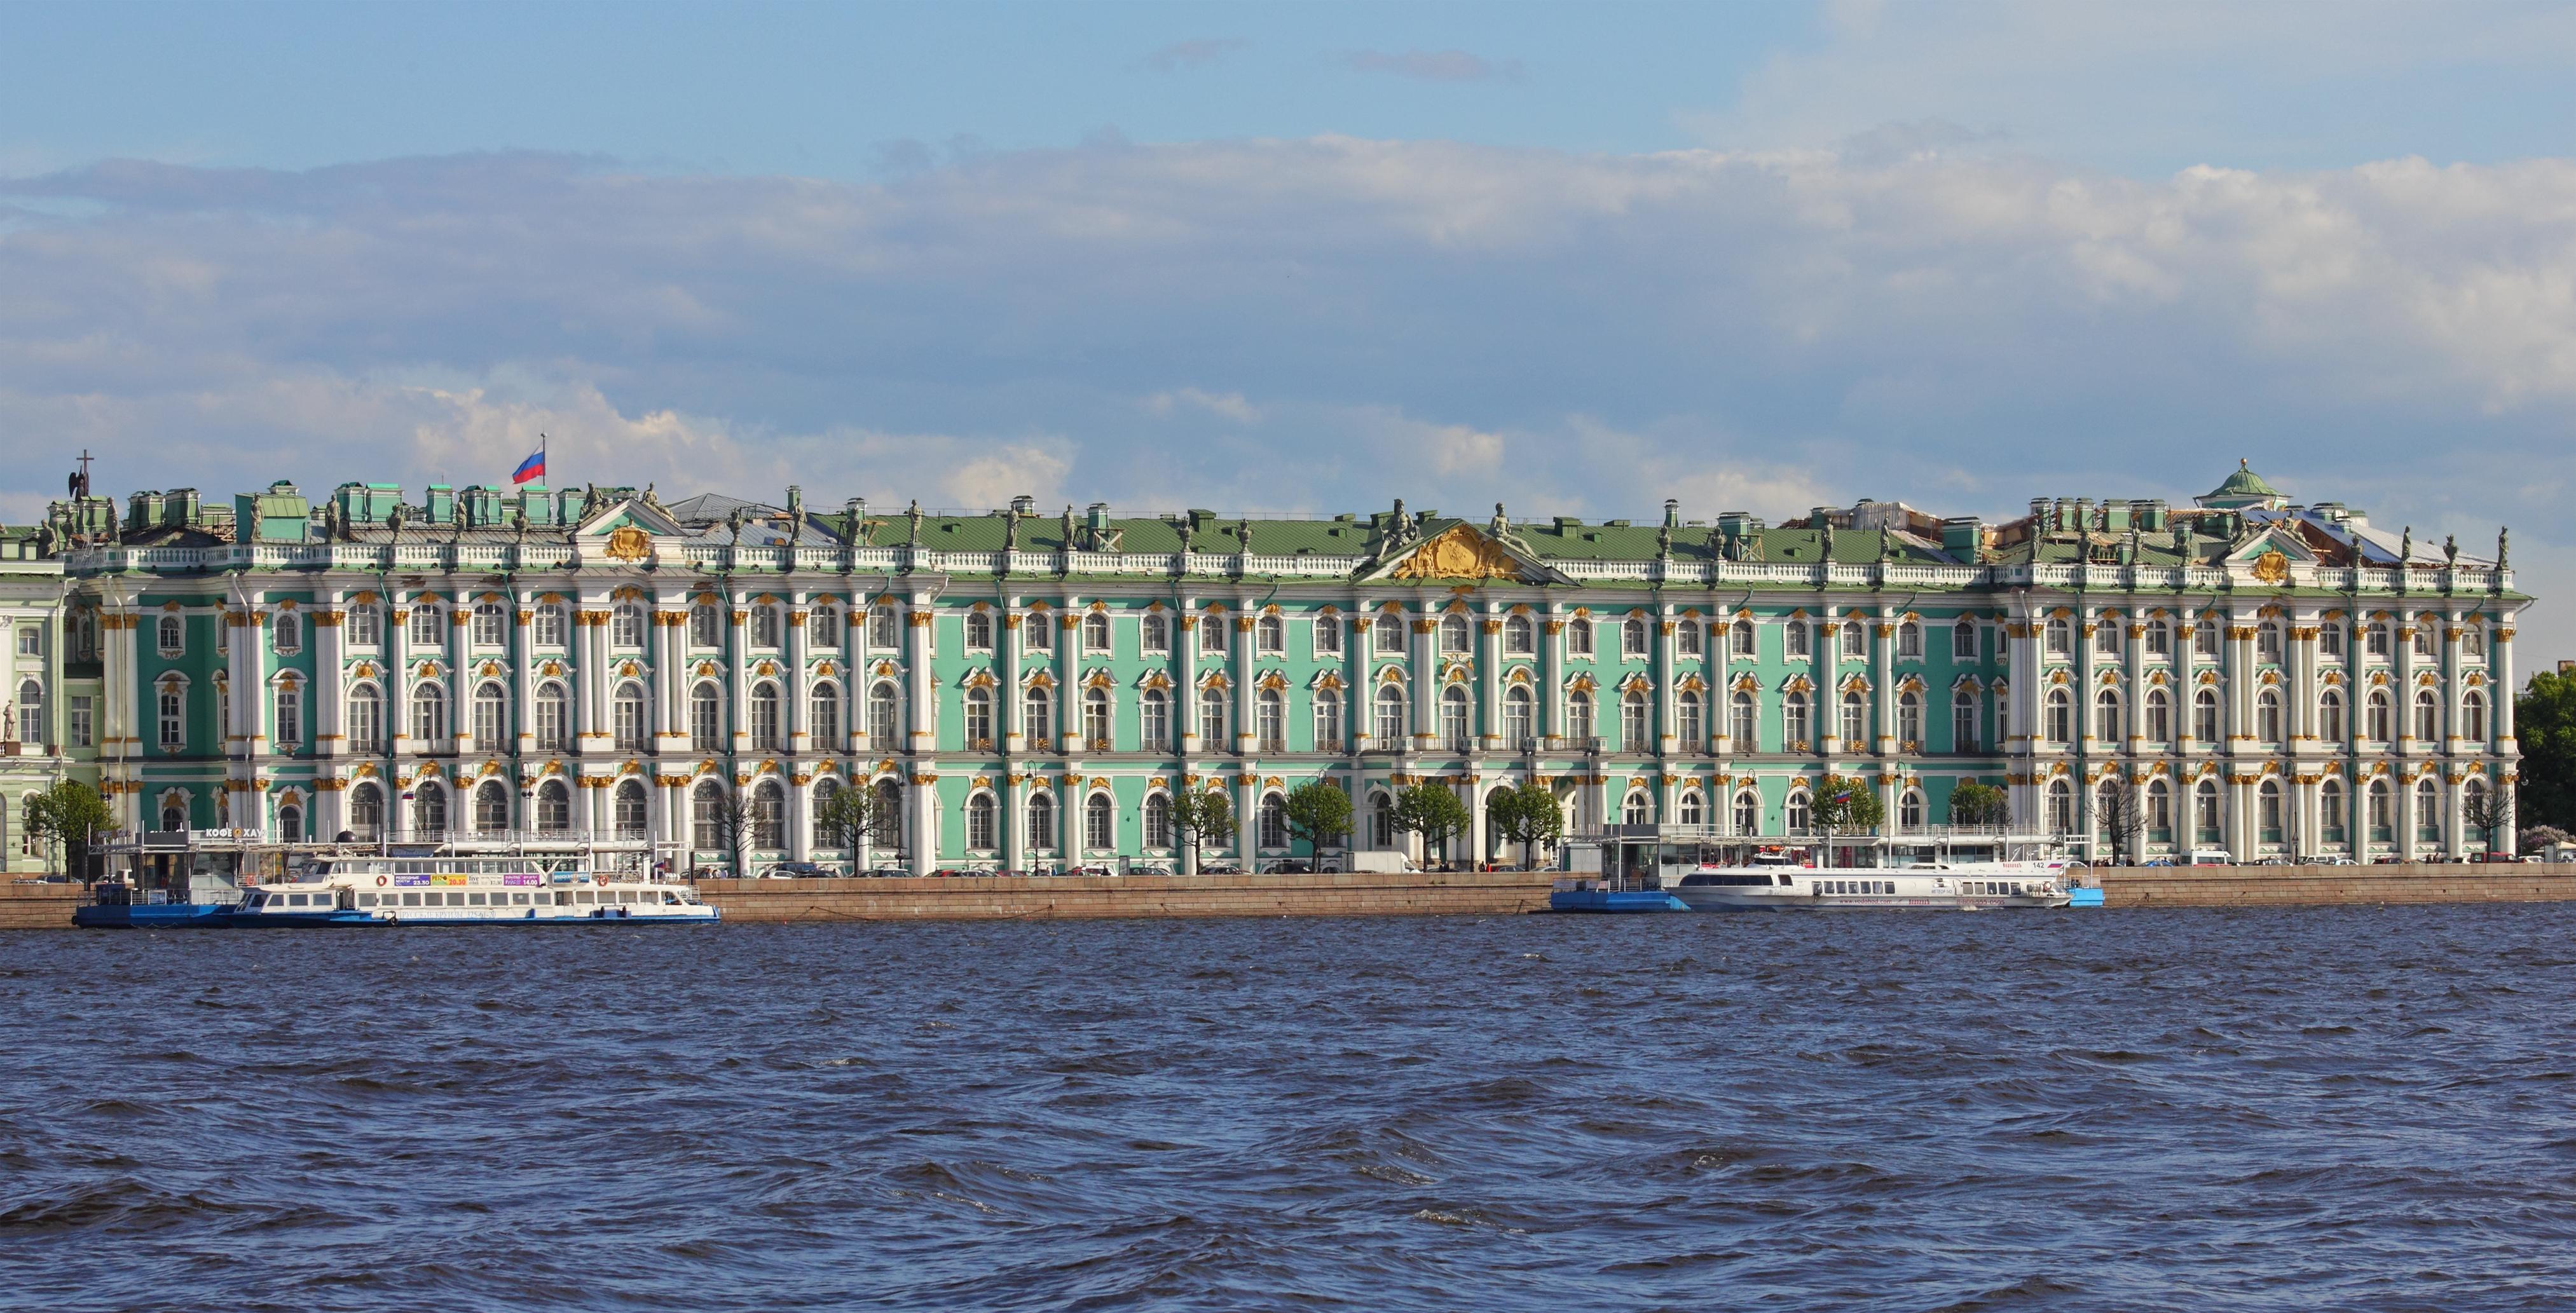 Museo del Hermitage - Wikipedia, la enciclopedia libre